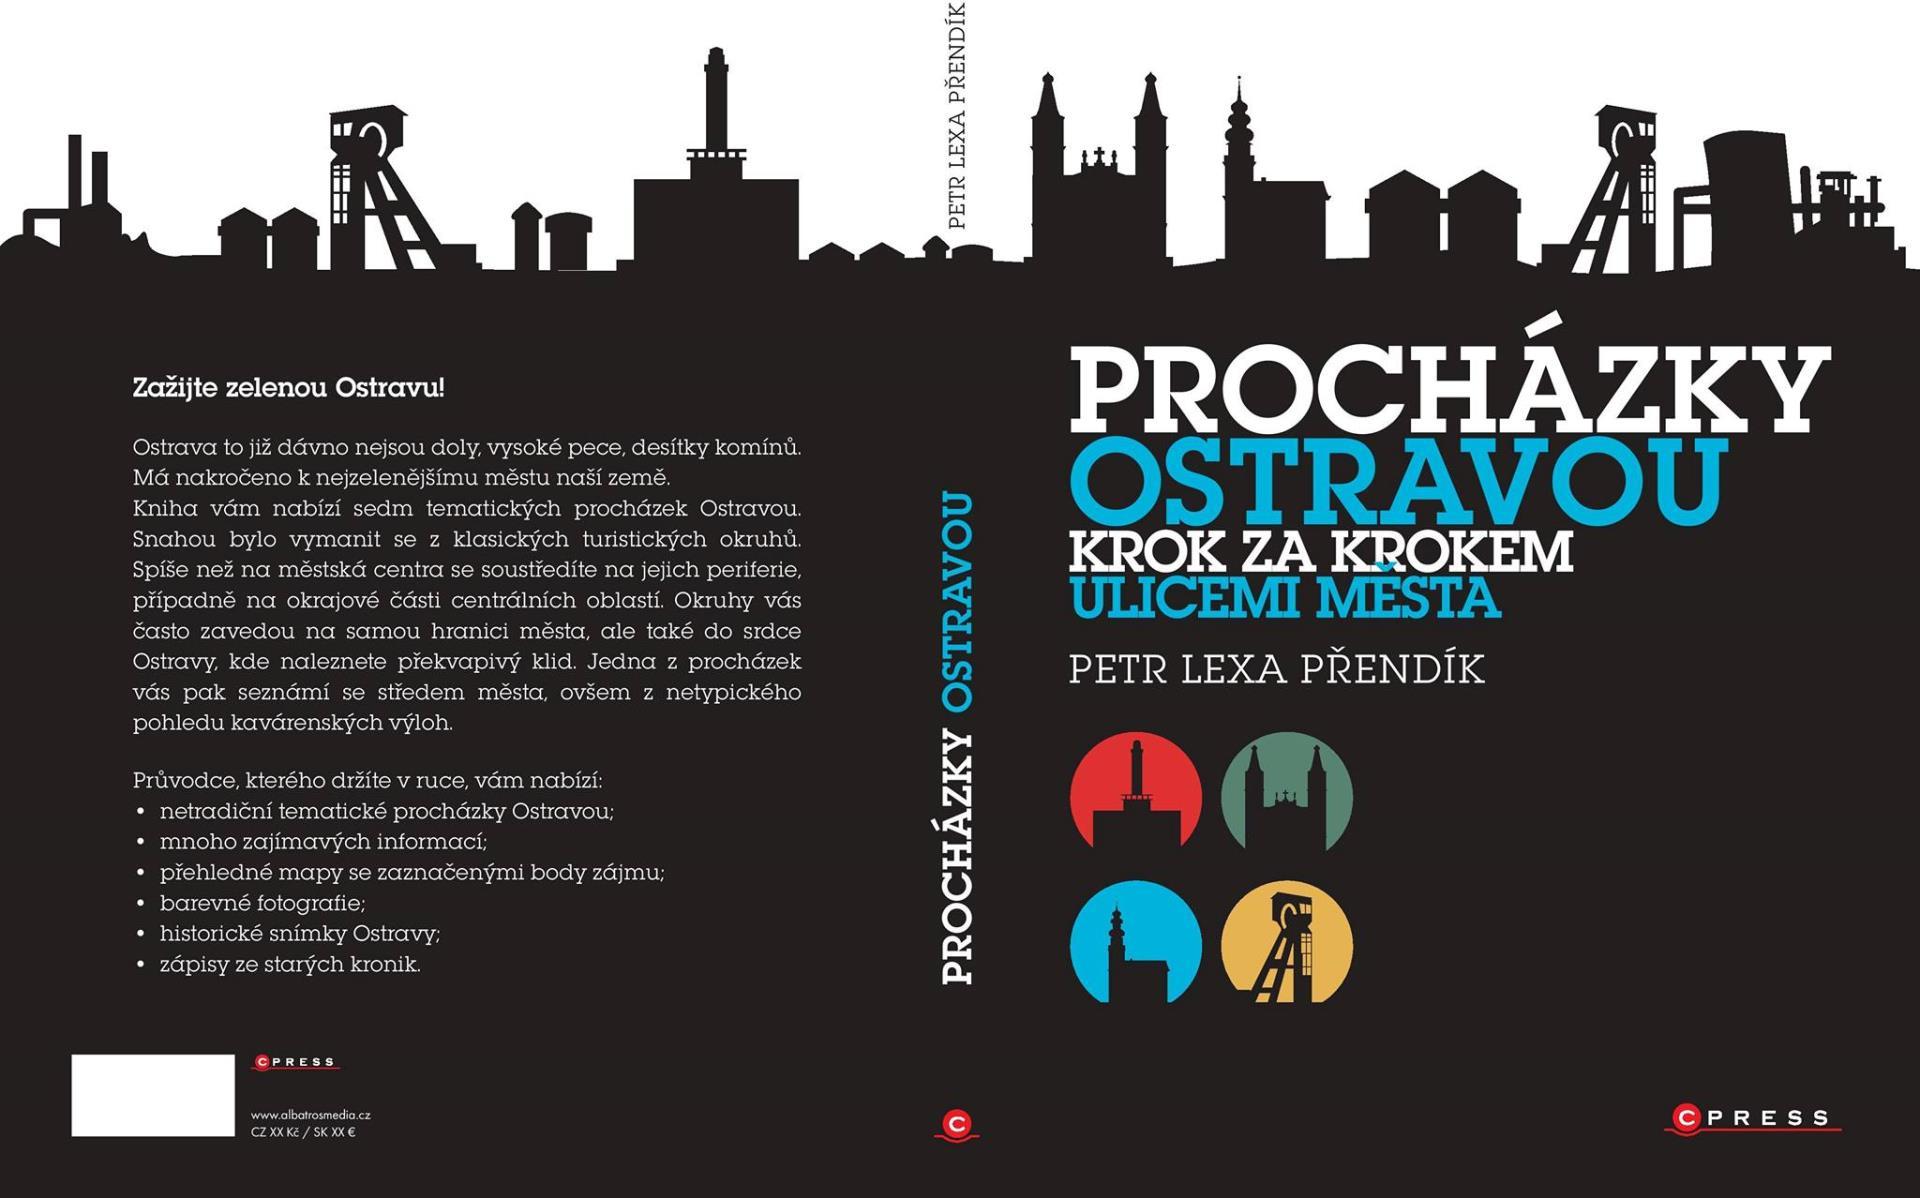 Křest publikace Procházky Ostravou: Krok za krokem ulicemi města